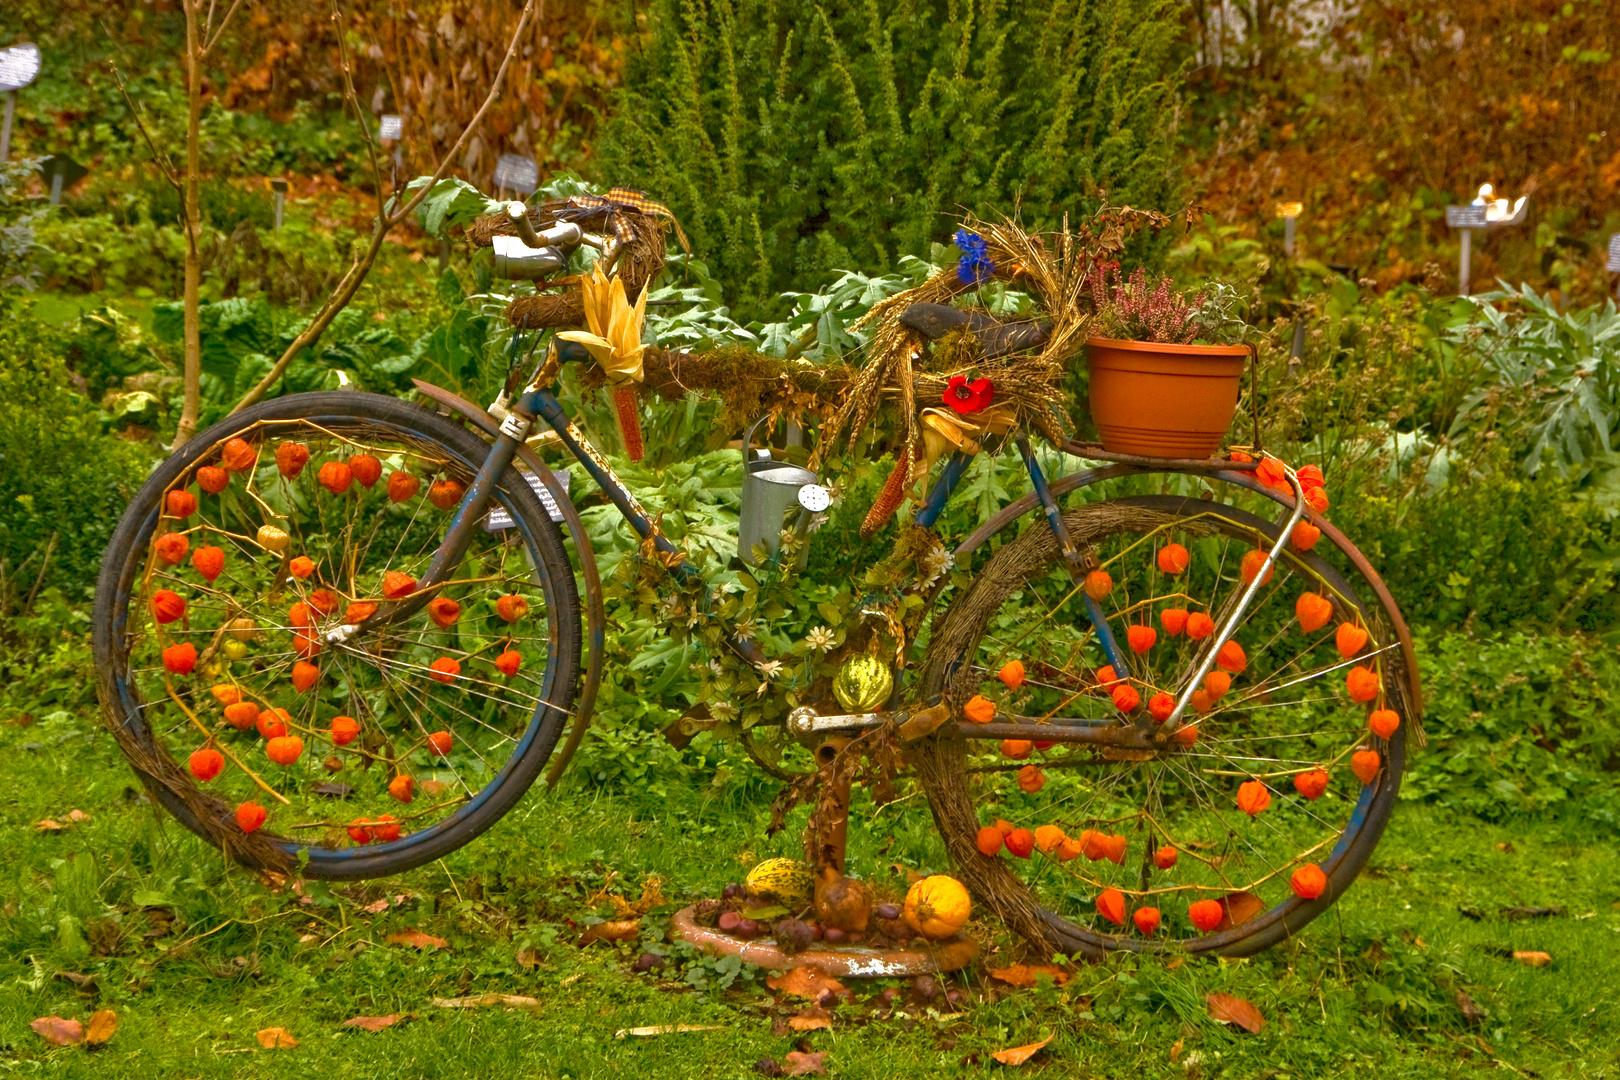 das deko fahrrad am kr utergarten ist herbstlich dekoriert foto bild pflanzen pilze. Black Bedroom Furniture Sets. Home Design Ideas